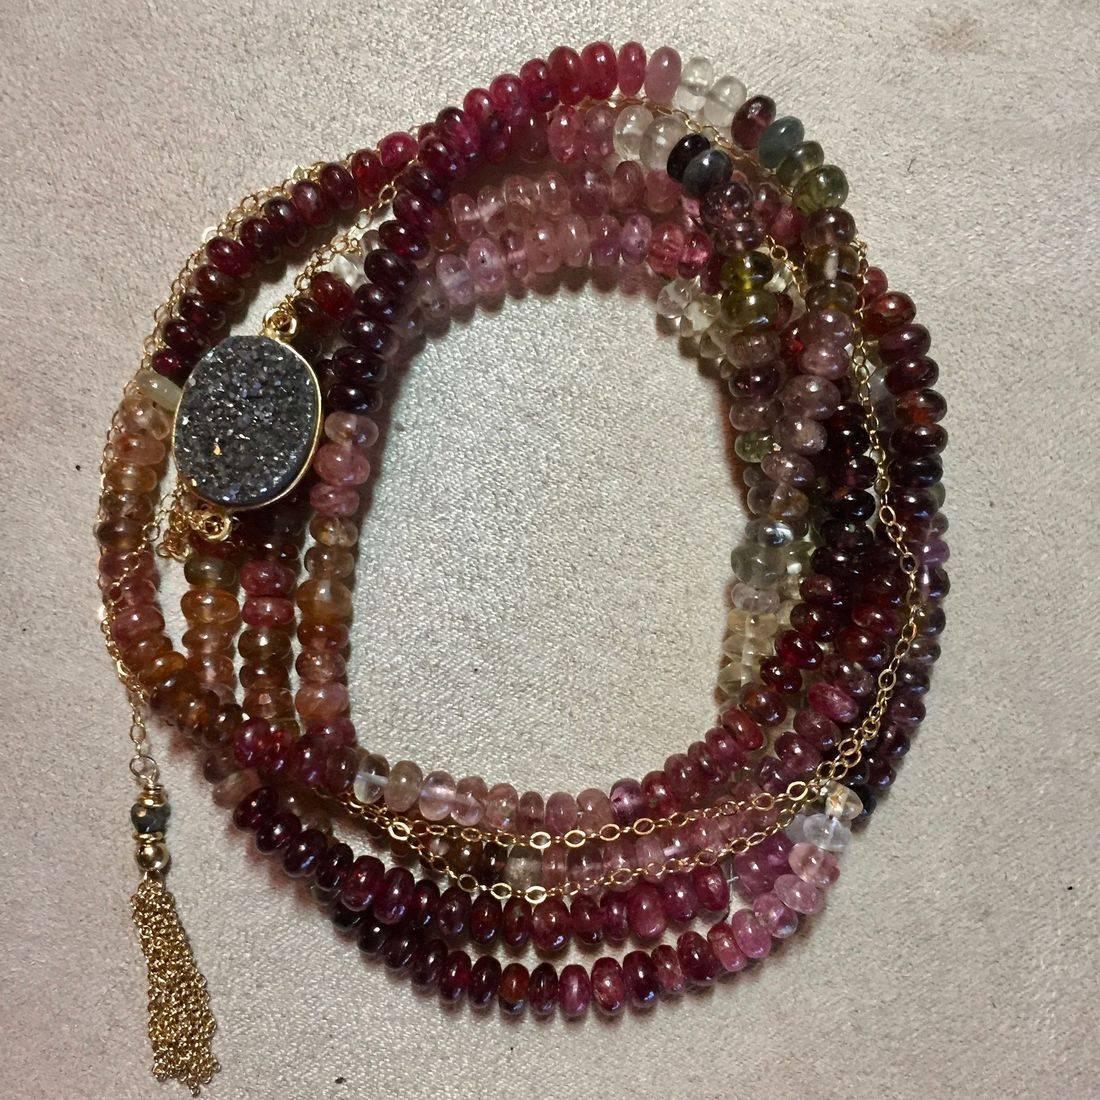 anne sportun gemstone wrap bracelets, spinel, gold fill tassel, clasp